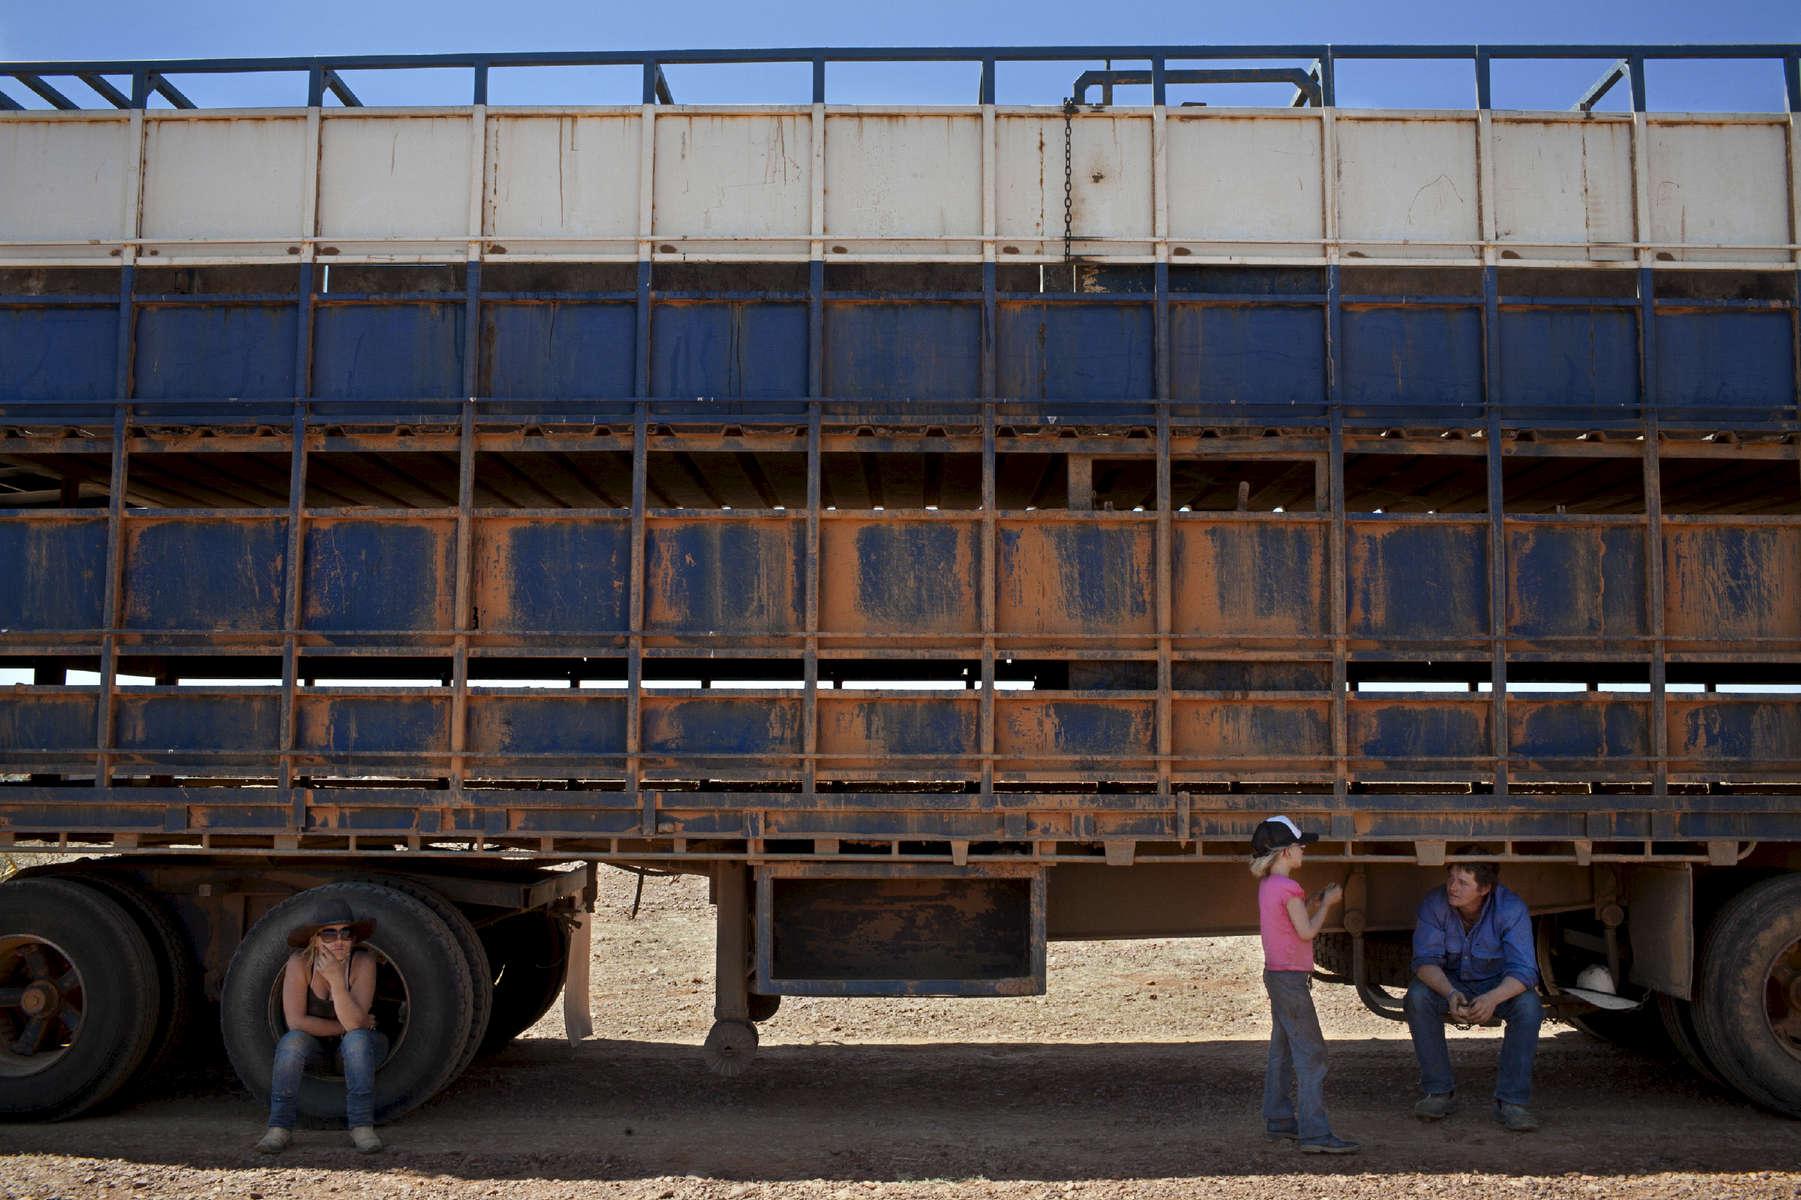 Cassandra, Cassie et Luke se reposent à l'ombre d'un road train. Camion les plus long du monde pouvant atteindre 53 mètres de long.  Le road train va effectuer 3 à 4 voyages par jour et ce pendant 5 jours entre le lieu de parcage et la ferme. A son bord, à chaque voyage, une centaine de bêtes sont réparties sur deux étages. Le prix moyen - selon leur poids - est de 1000 dollars australiens par tête. TN,  Australie, 2011.